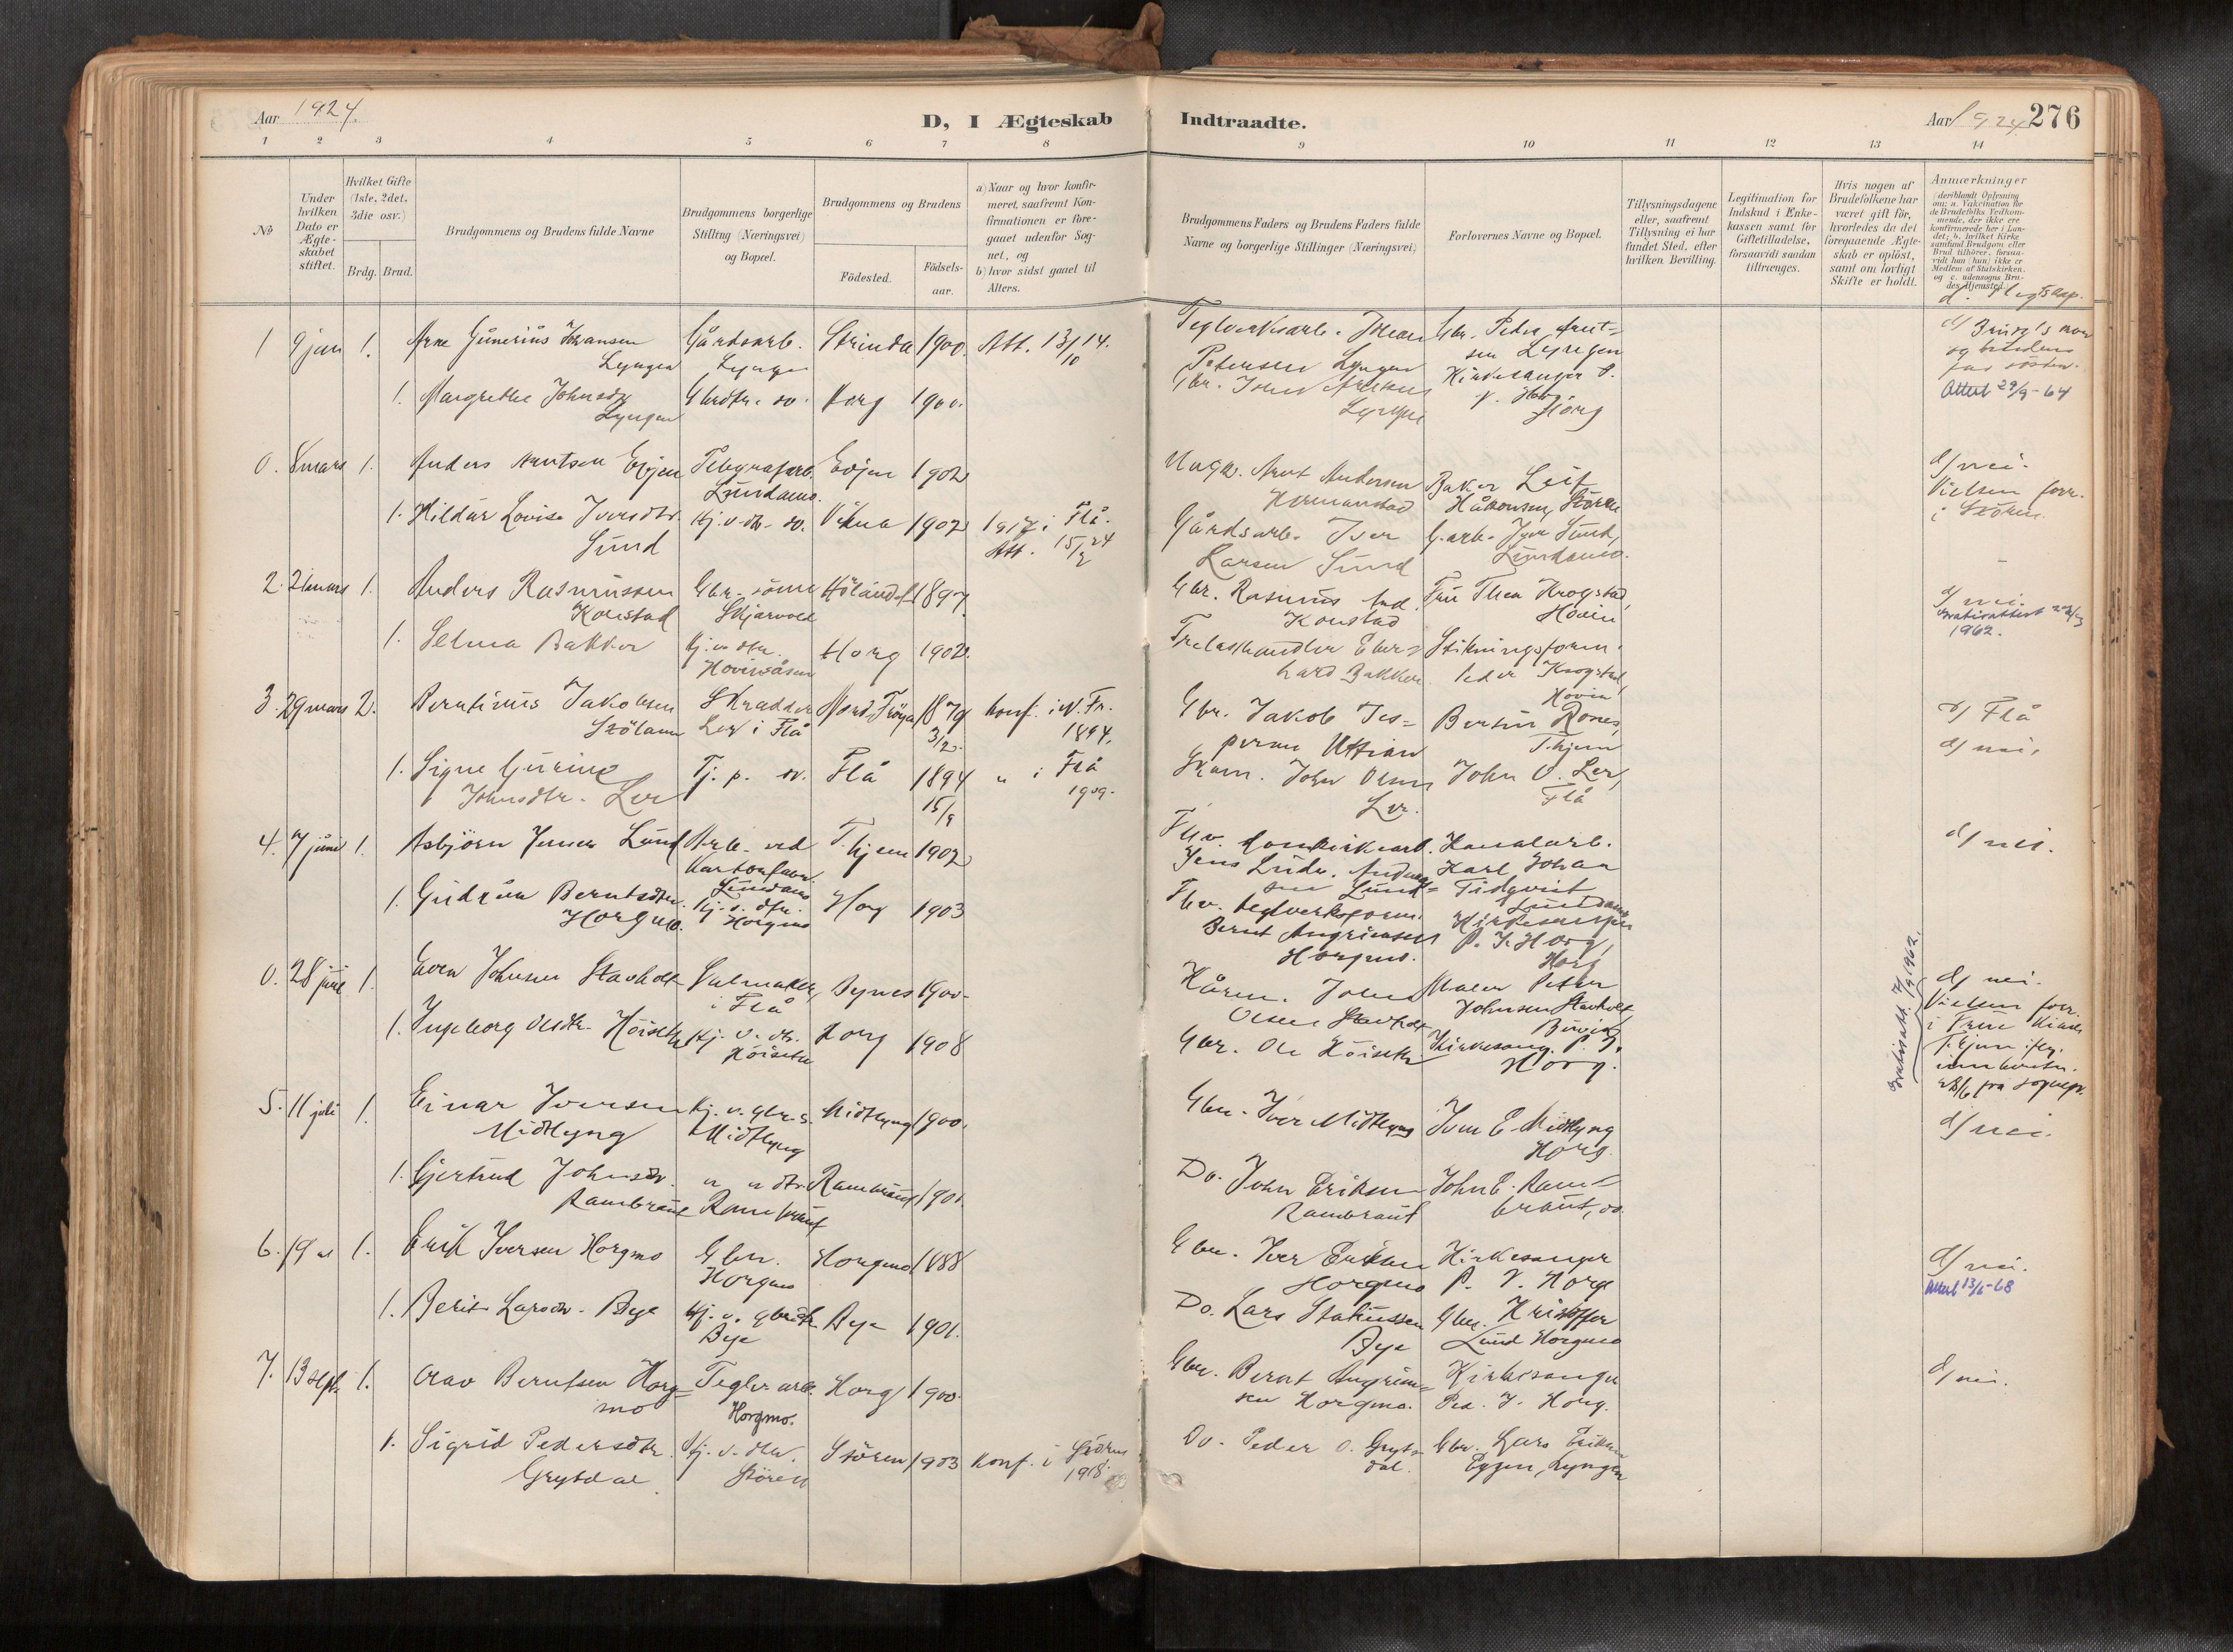 SAT, Ministerialprotokoller, klokkerbøker og fødselsregistre - Sør-Trøndelag, 692/L1105b: Ministerialbok nr. 692A06, 1891-1934, s. 276